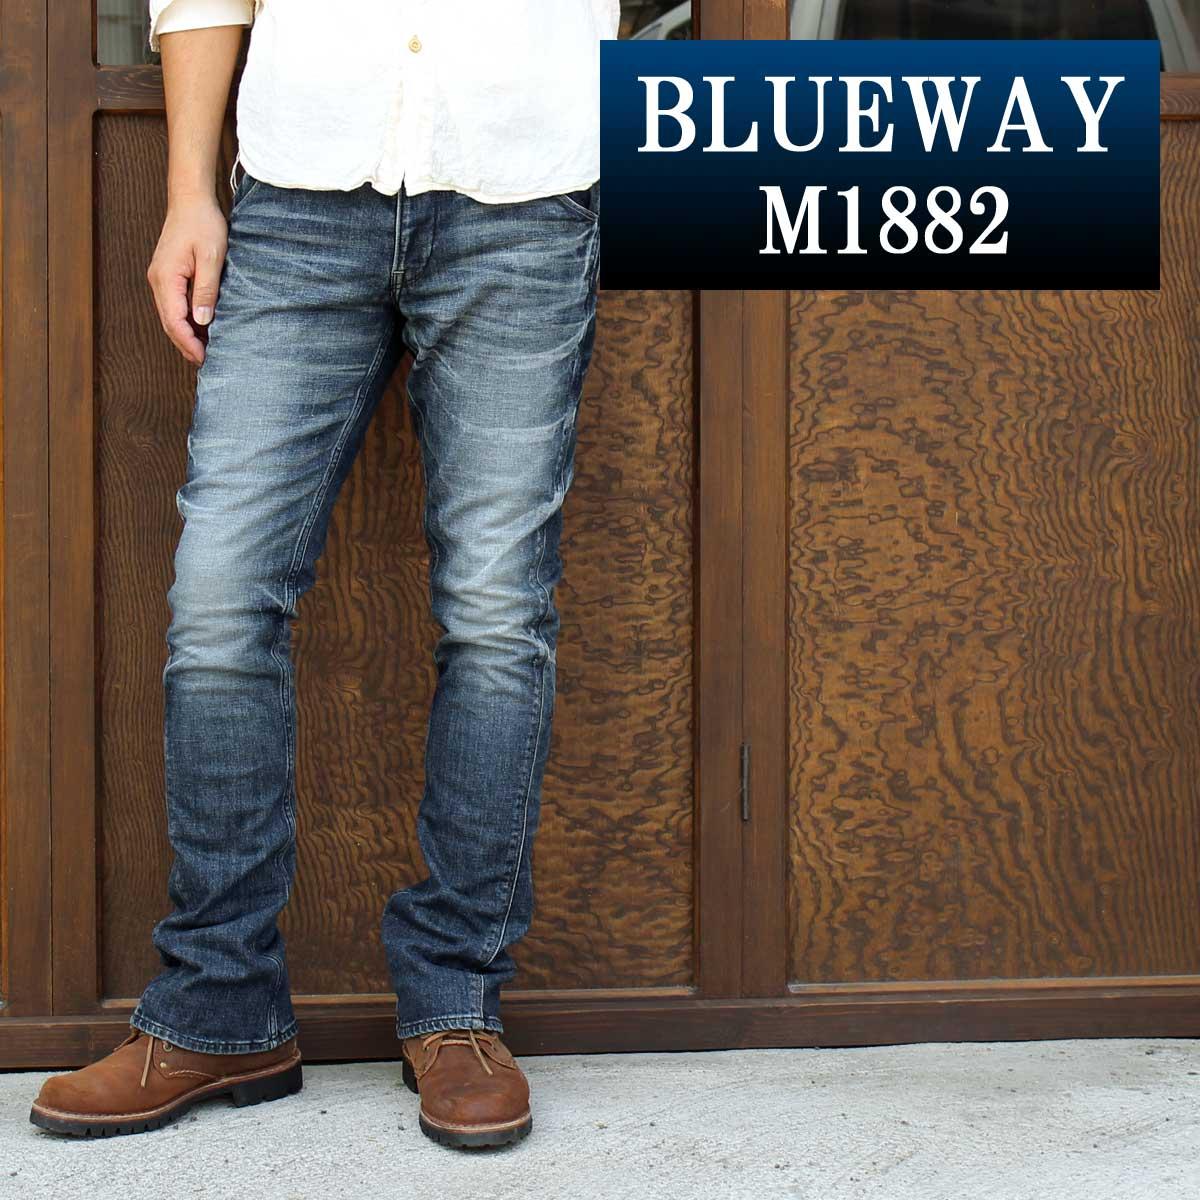 BLUEWAY:ソリッドストレッチデニム・セミブーツカットジーンズ(オーバーエイジング):M1882-5305 ブルーウェイ ジーンズ フレア メンズ デニム 裾上げ